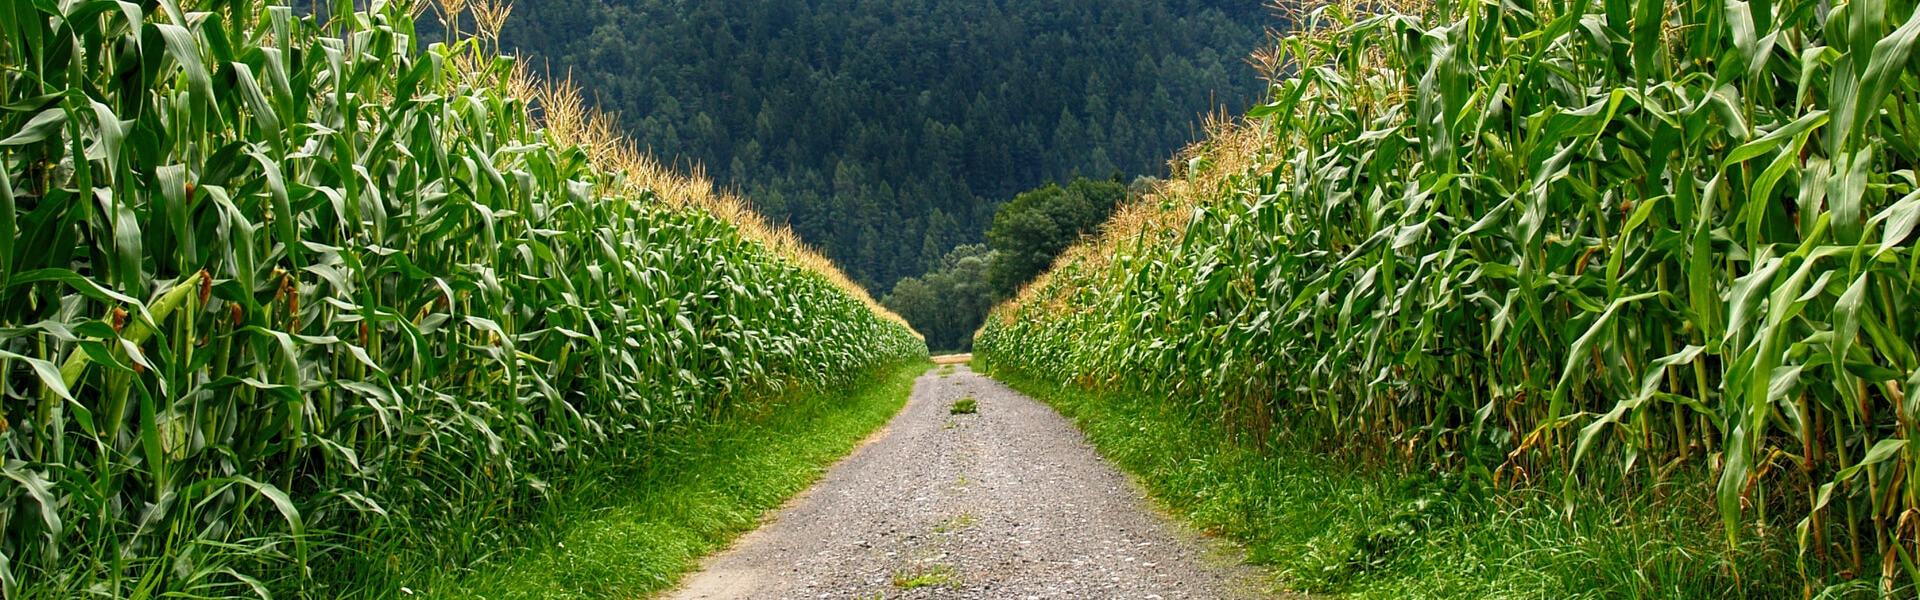 acres-of-corn